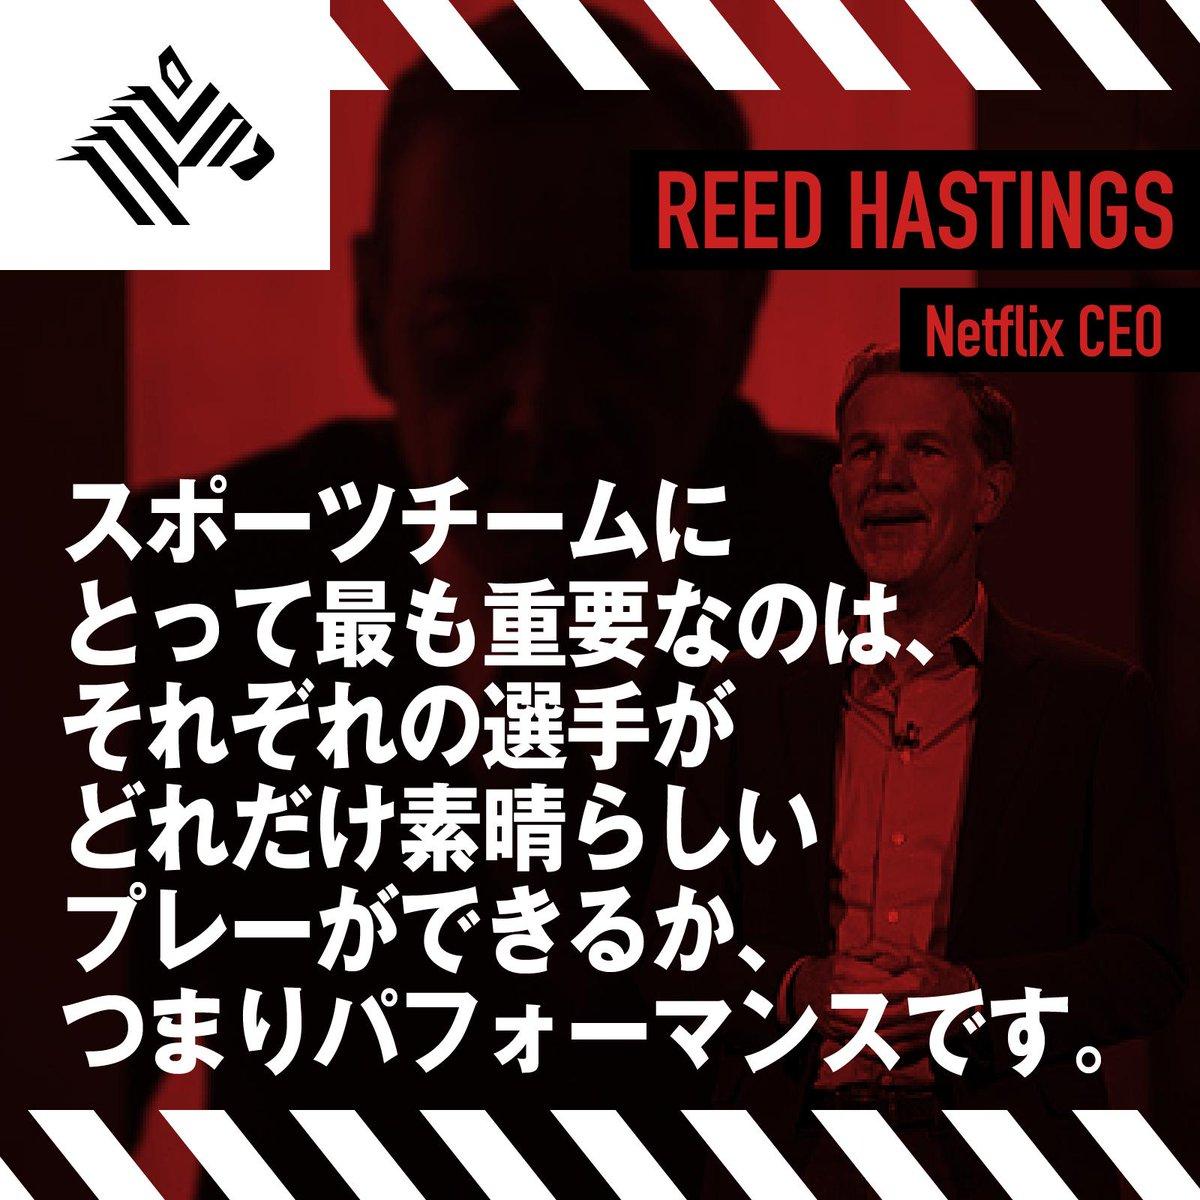 「私たちはチームであってファミリーではない」Netflixがここまで成長した背景には、CEOリード・ヘイスティングスの哲学があります。このインタビューからの引用です 👉 画像で #ネトフリおさらい 👇